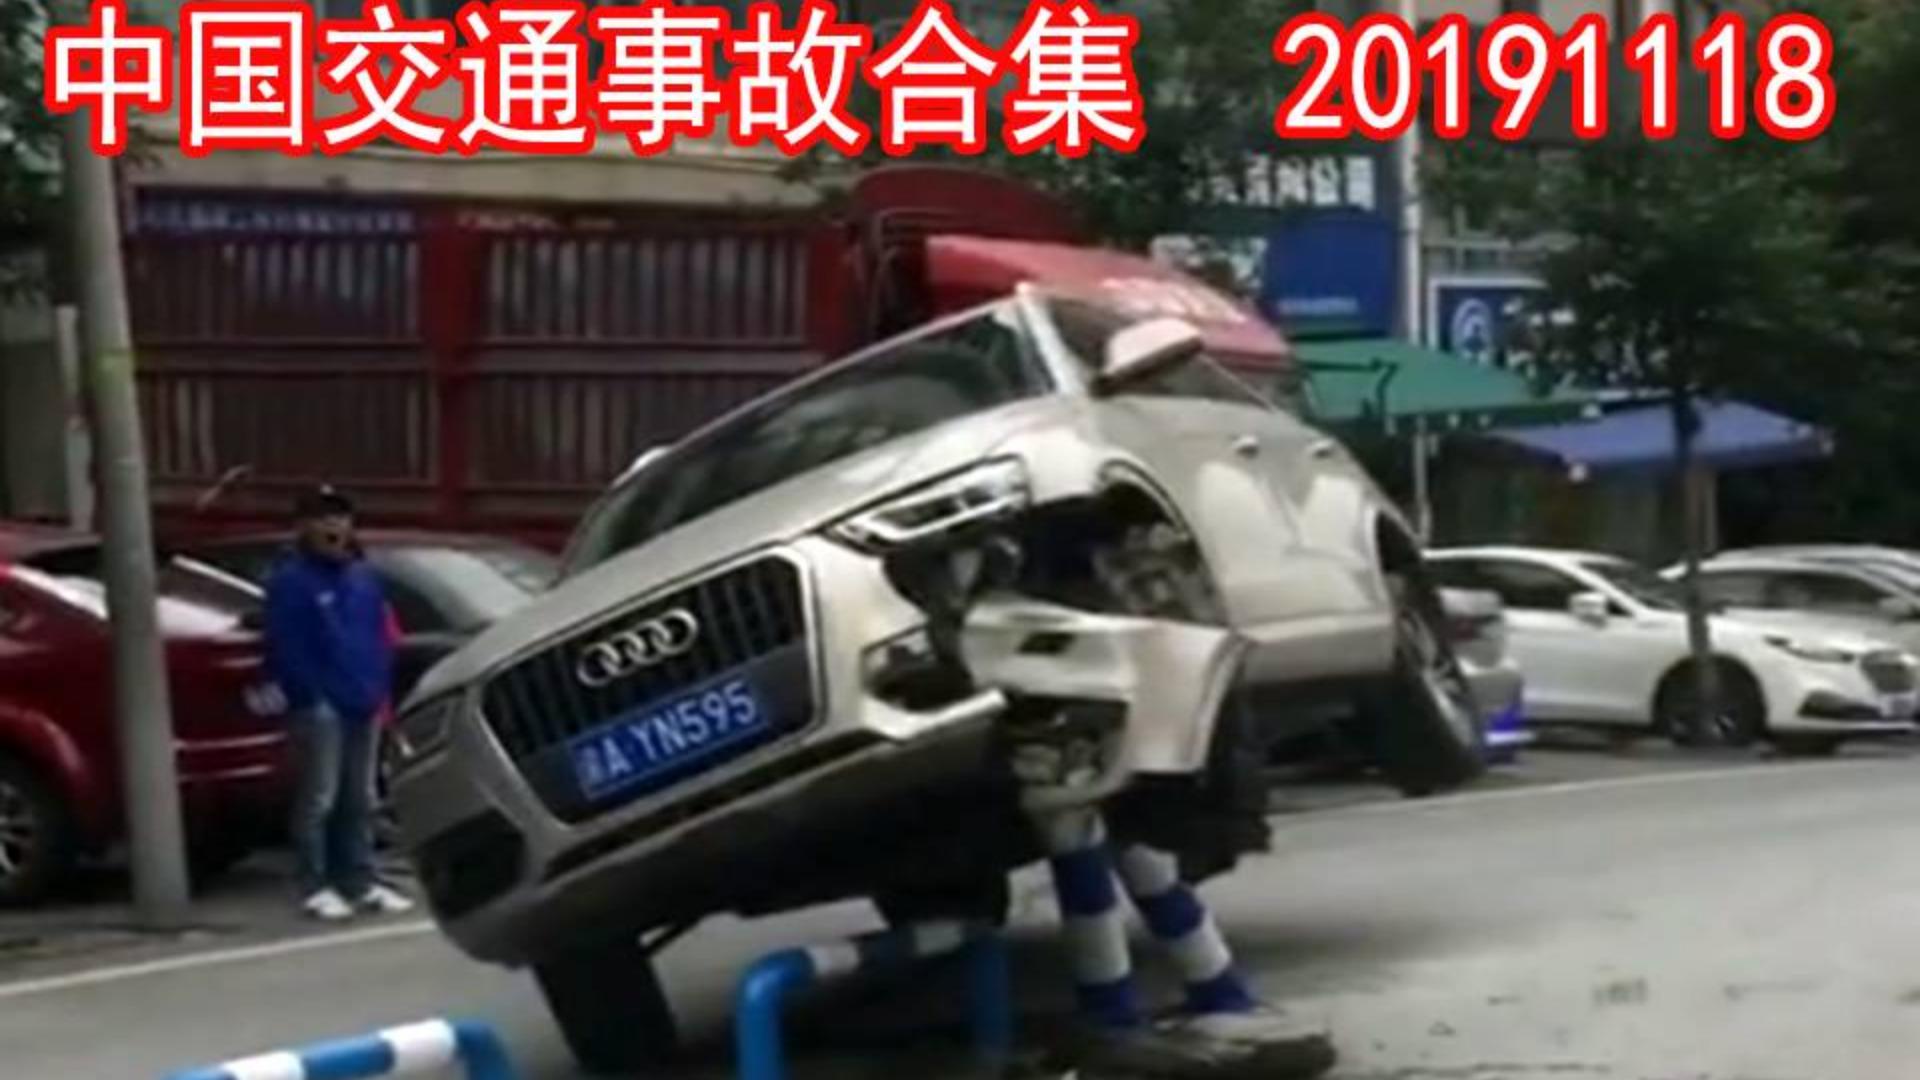 中国交通事故合集20191118:轿车见缝插针,下一秒悲剧发生,速度不减导致失控